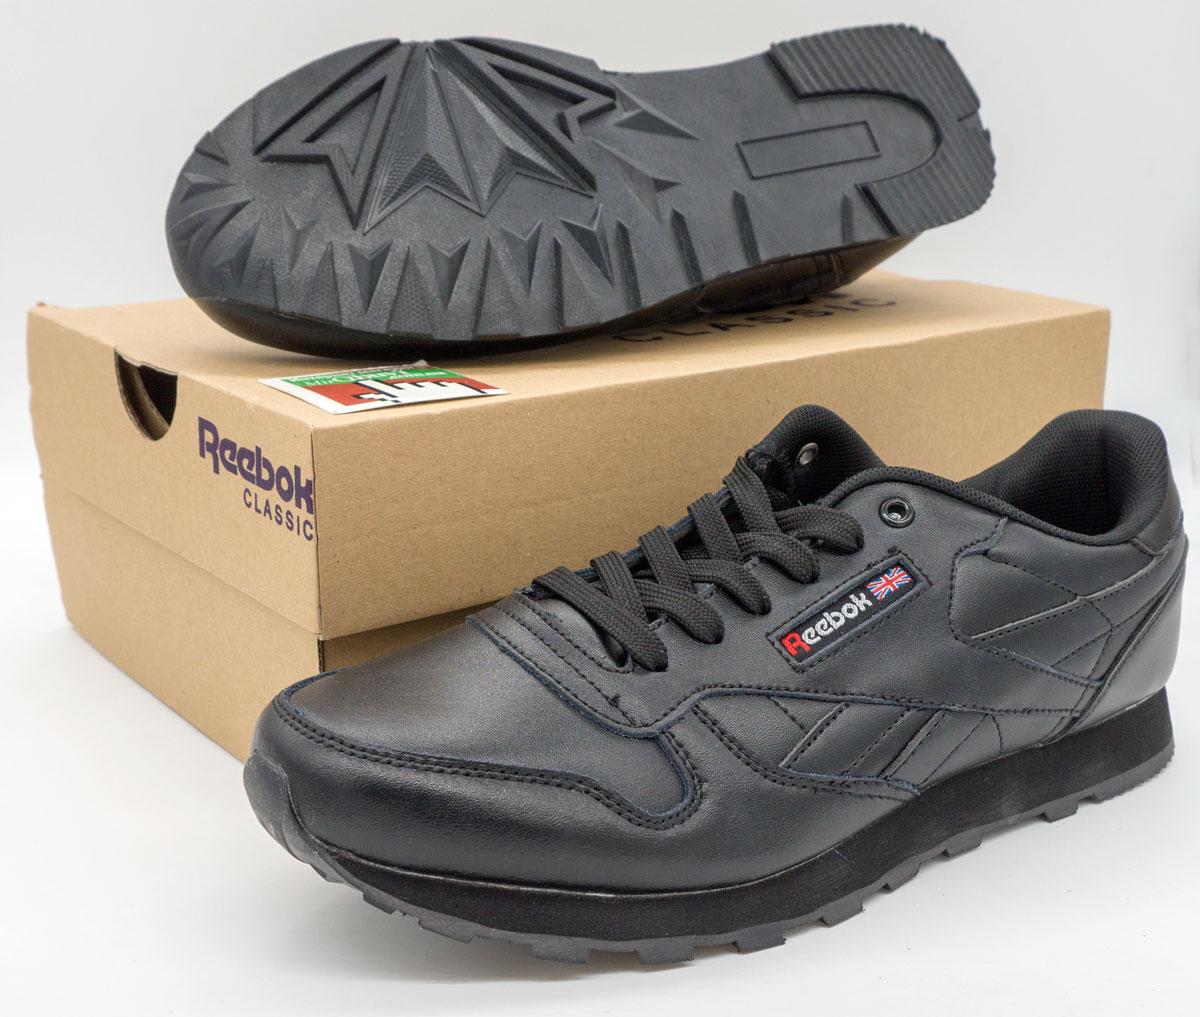 большое фото №6 Женские кроссовки Reebok classic leather black (Рибок класик черные, кожа)